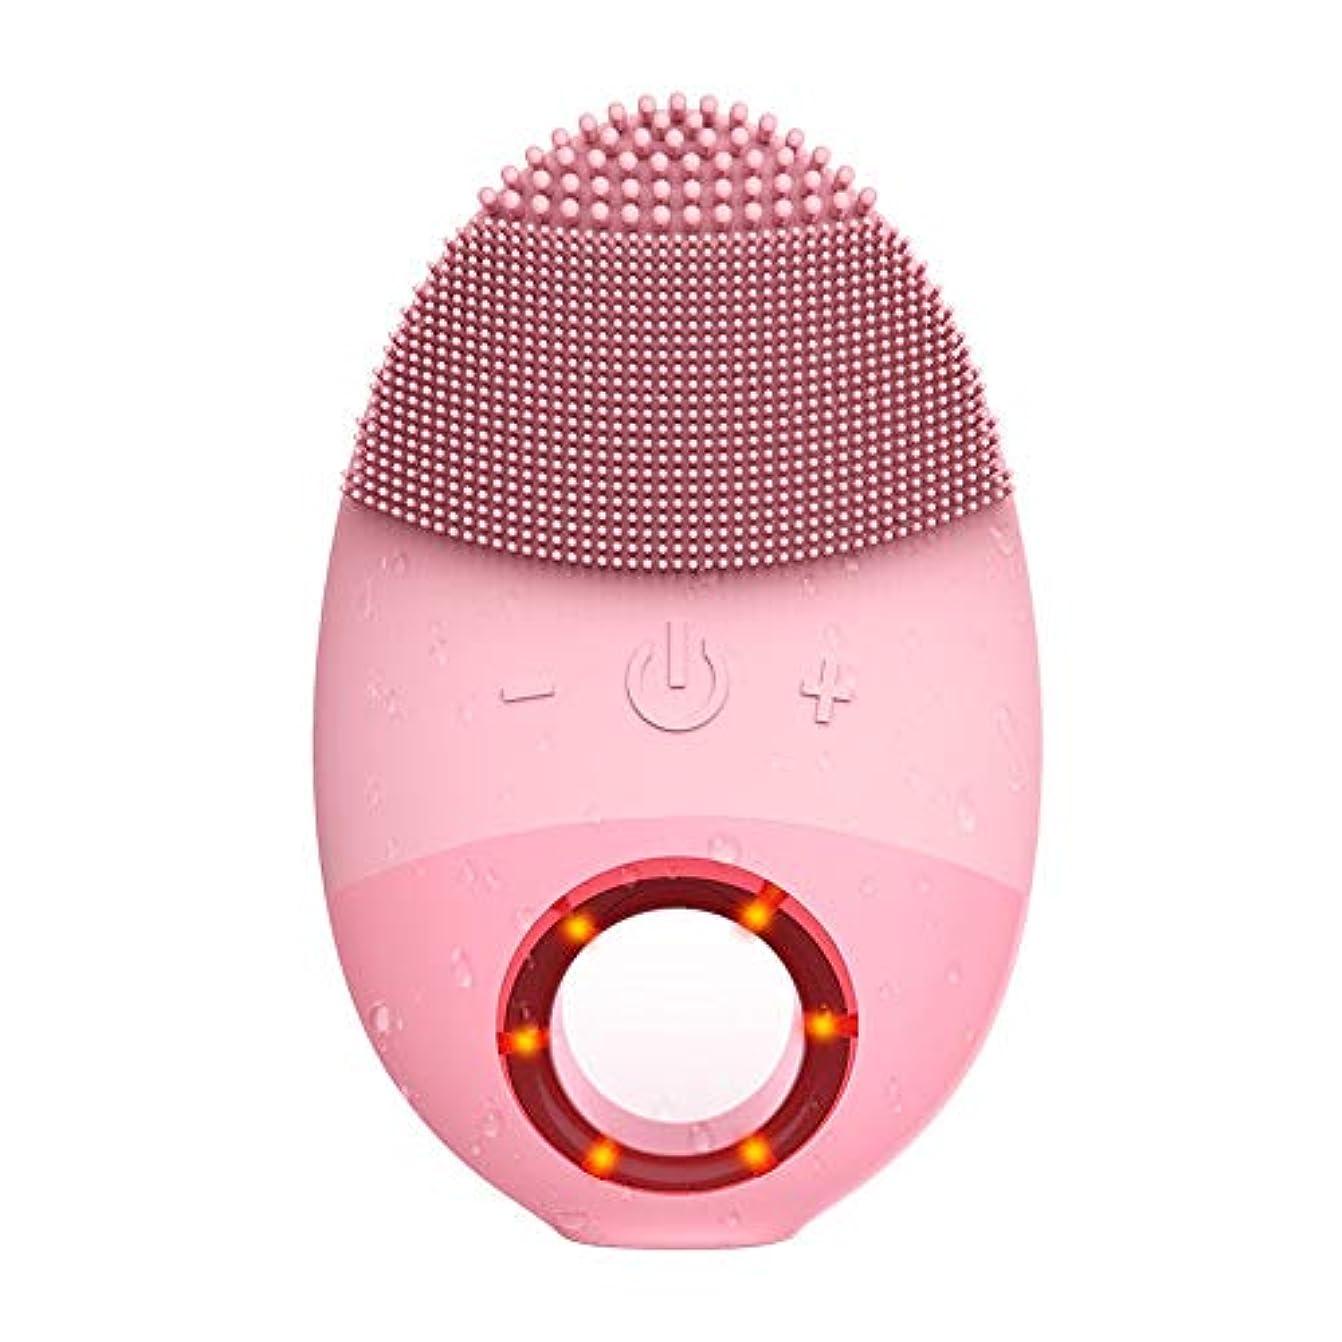 期限昨日時計回りZXF 多機能シリコン防水洗浄ブラシ超音波振動洗浄器具美容器具マッサージ器具洗浄器具 滑らかである (色 : Pink)